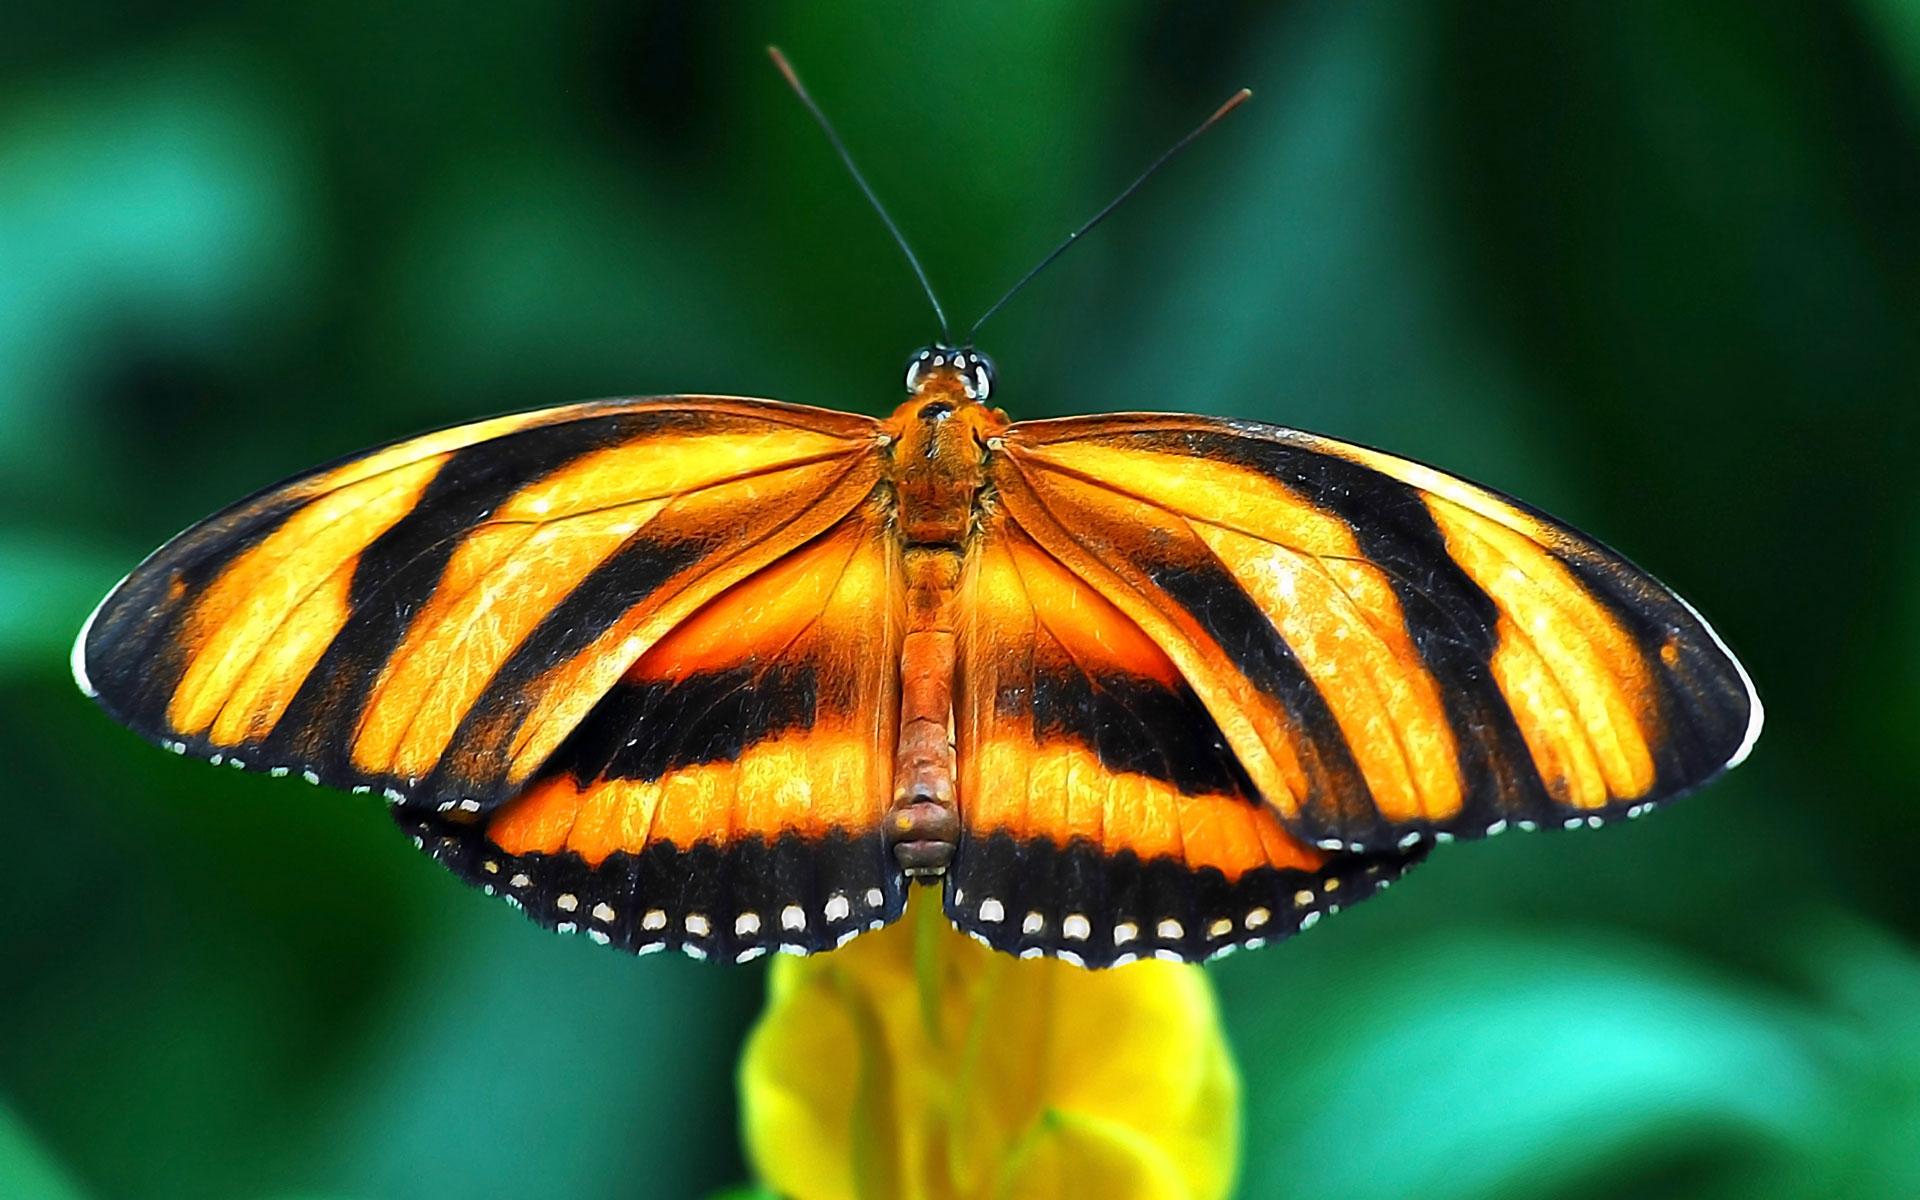 Картинки Бабочка, вид, крылья, полоса, ветка фото и обои на рабочий стол